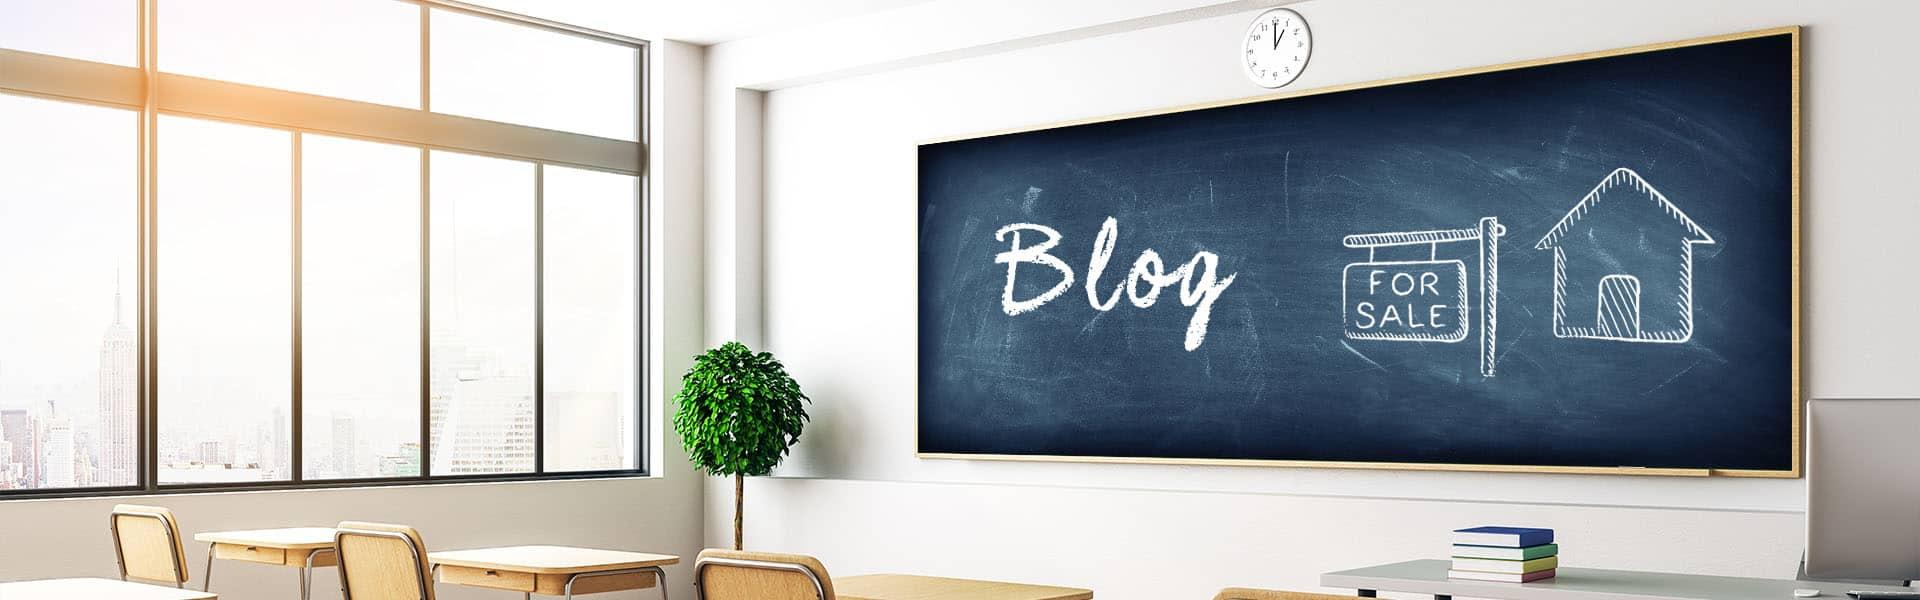 Real Estate School of Colorado Blog